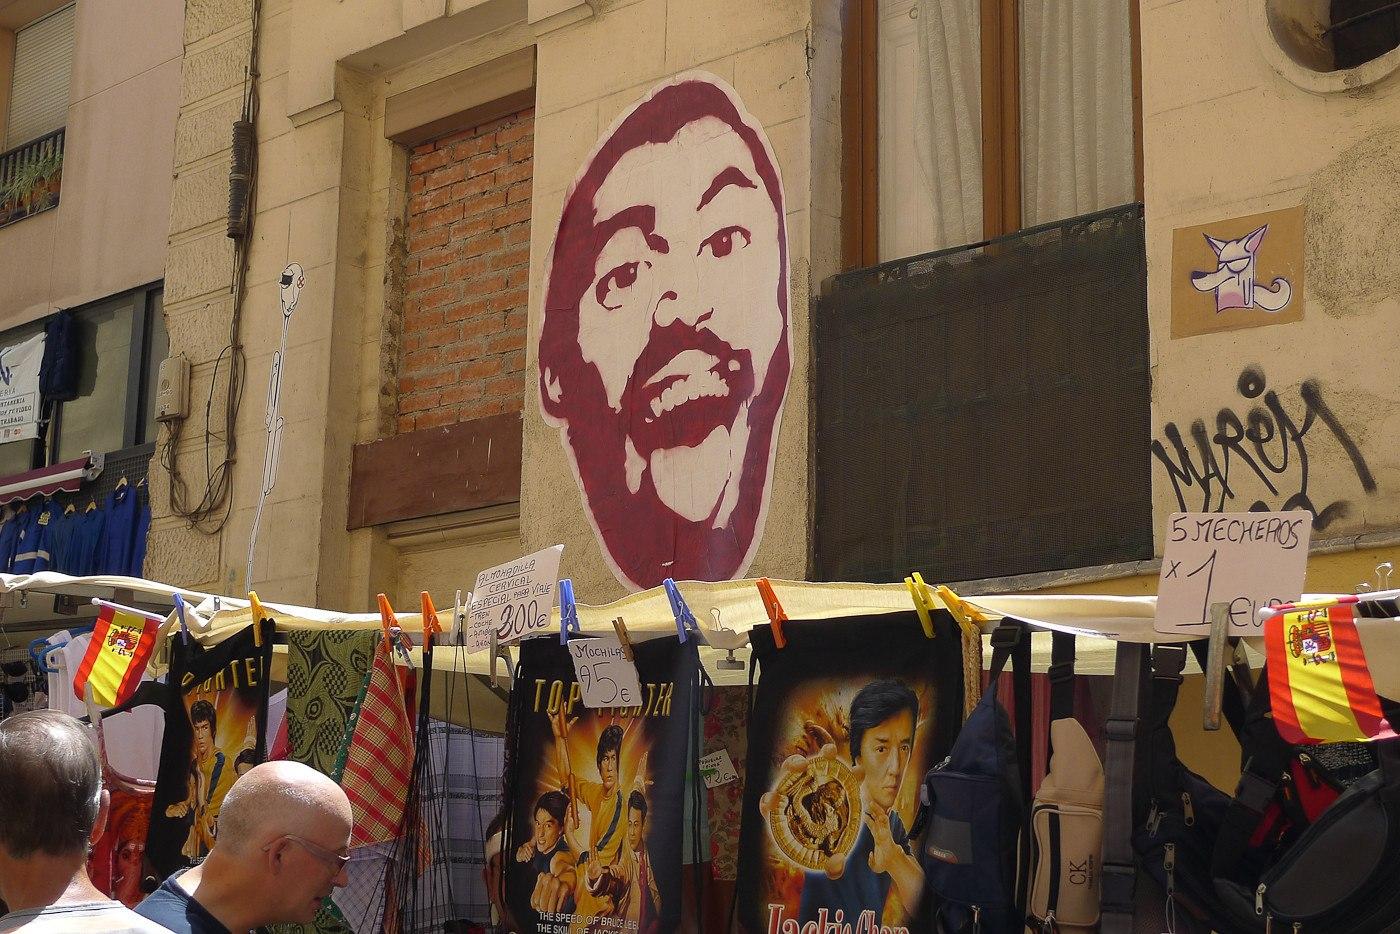 El Rastro flea market in Madrid by r2hox